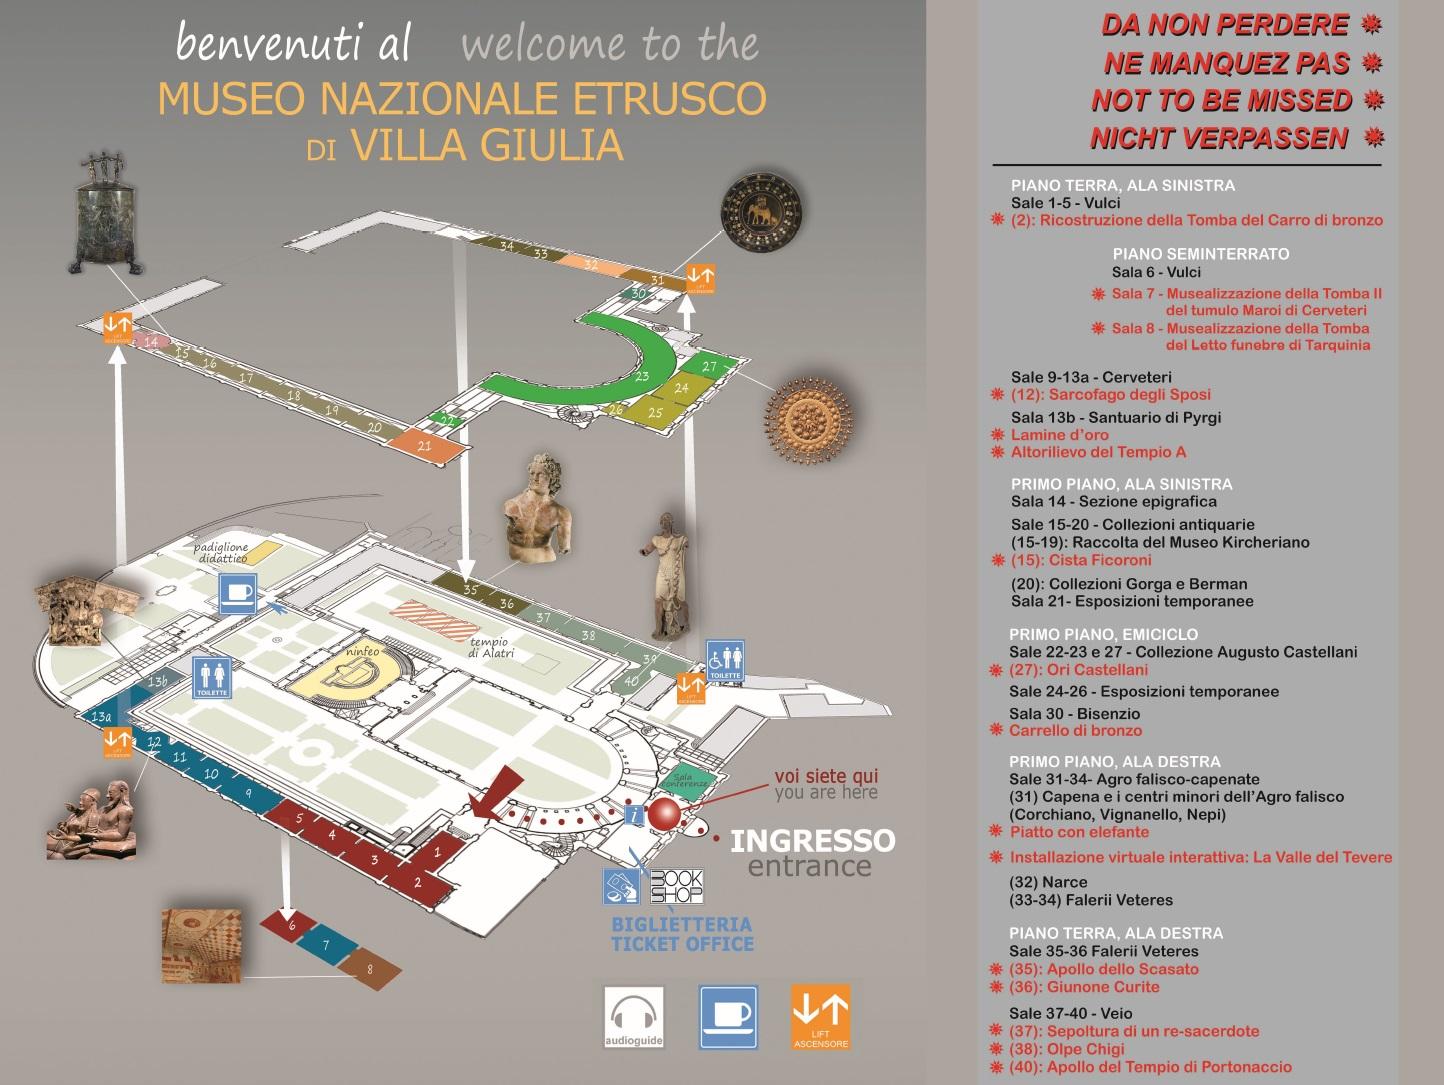 Χάρτης του Μουσείου